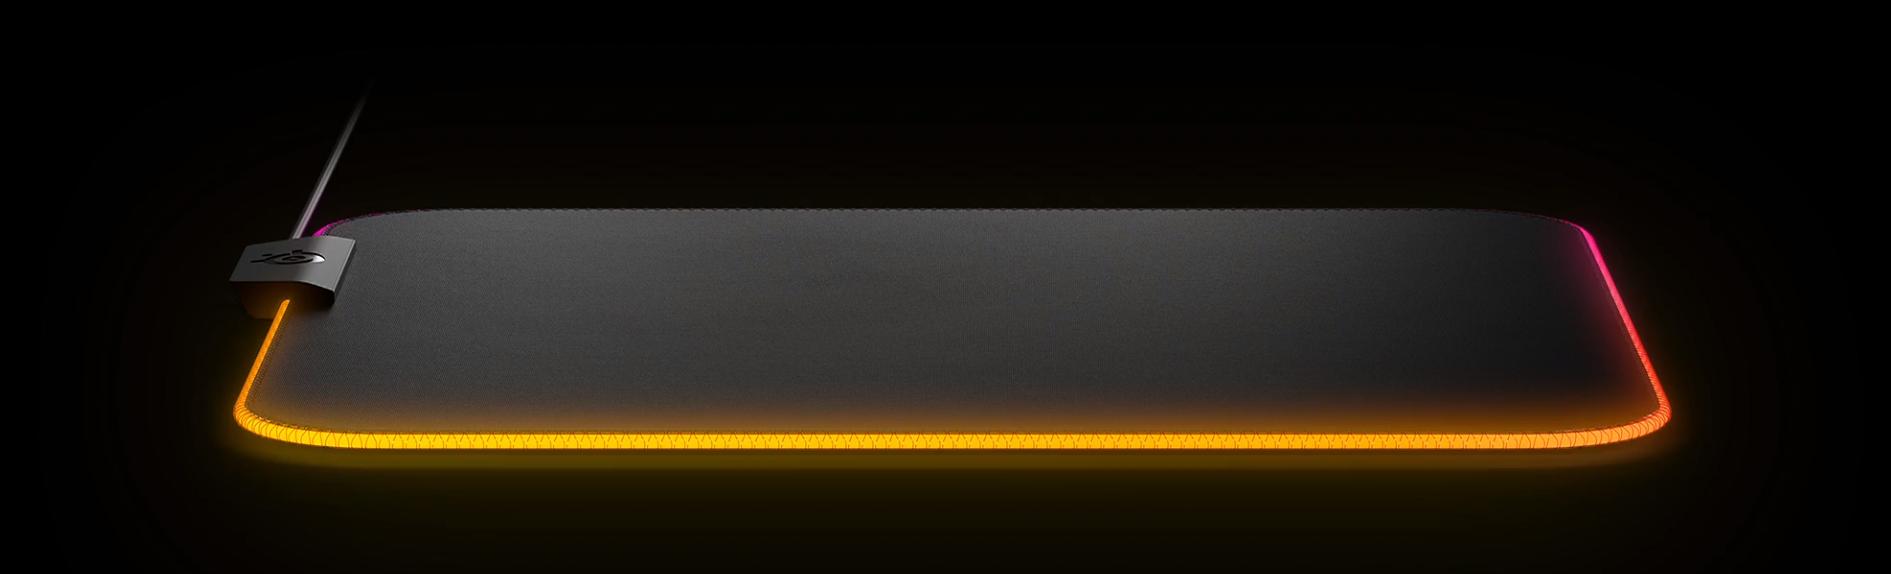 Bàn di chuột SteelSeries QcK Prism Cloth 3XL - 63511 (1220 x 590 x 4 mm) tích hợp led RGB nhiều hiệu ứng